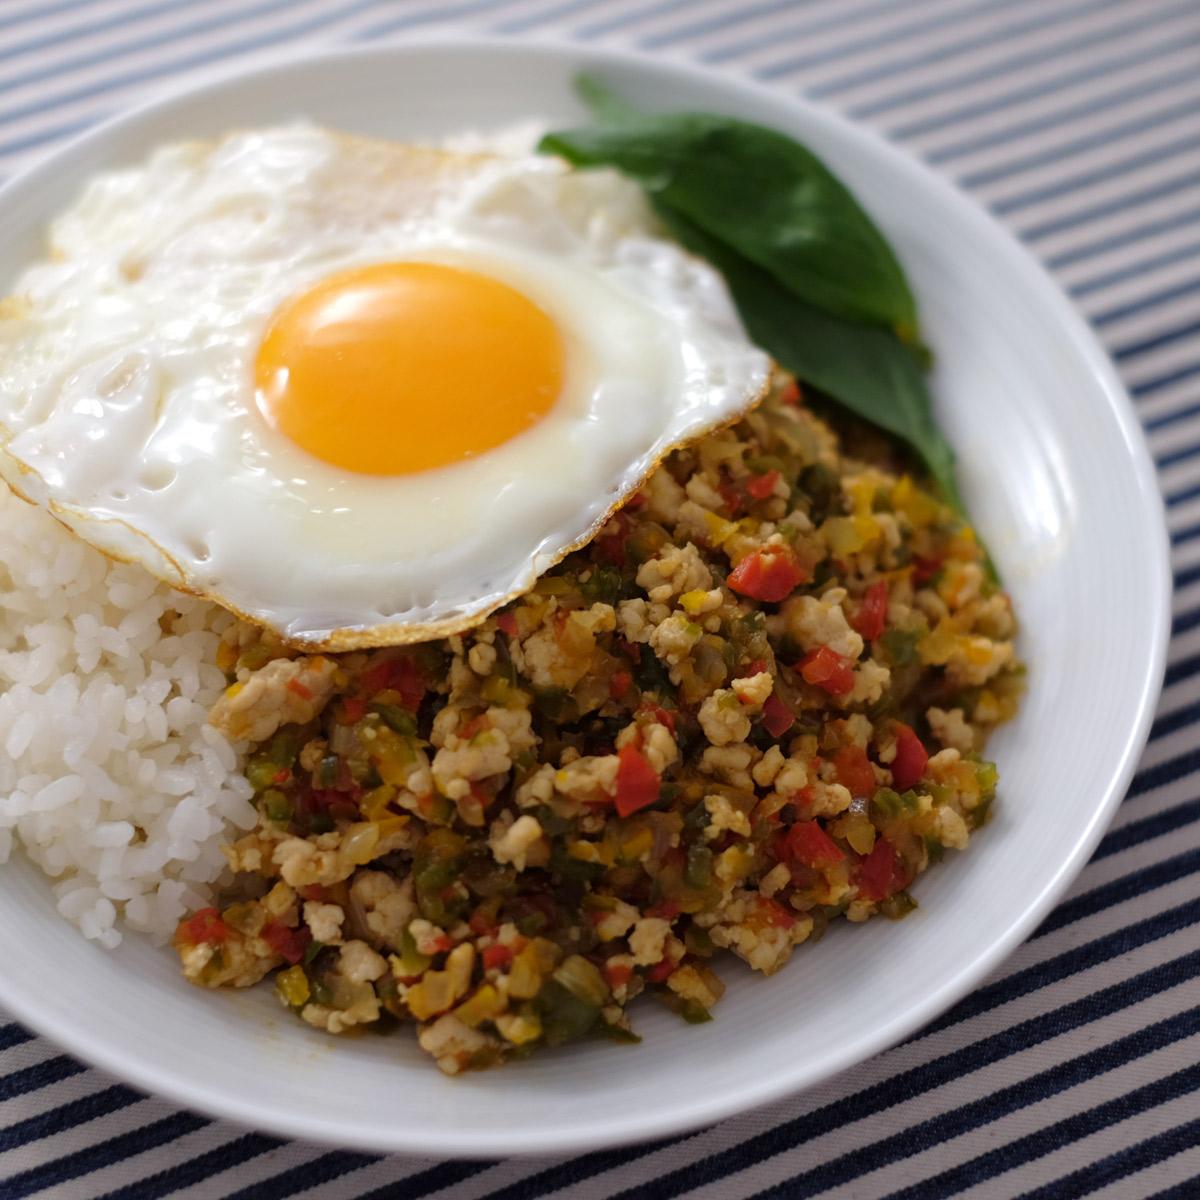 ナンプラー無し!簡単に作れるガパオライスは、作り置き・常備菜や一品弁当にも最適◎